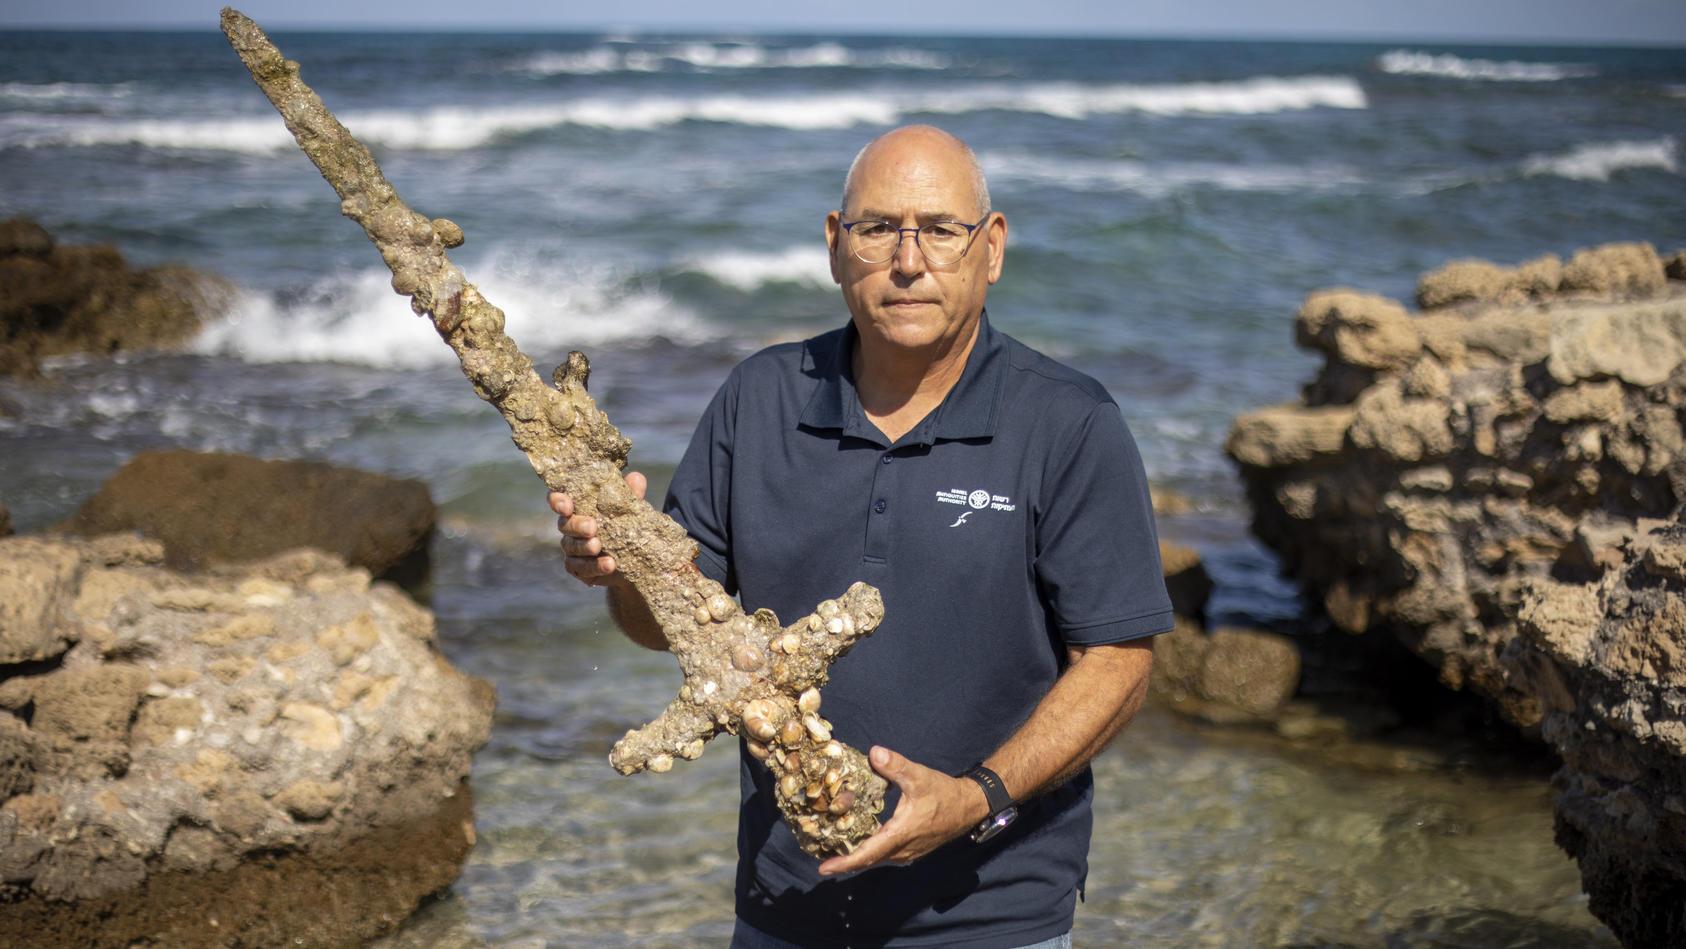 kobi-sharvit-von-der-israelische-altertumsbehorde-zeigt-ein-900-jahre-alte-schwert-das-ein-taucher-vor-der-kuste-israels-gefunden-hat